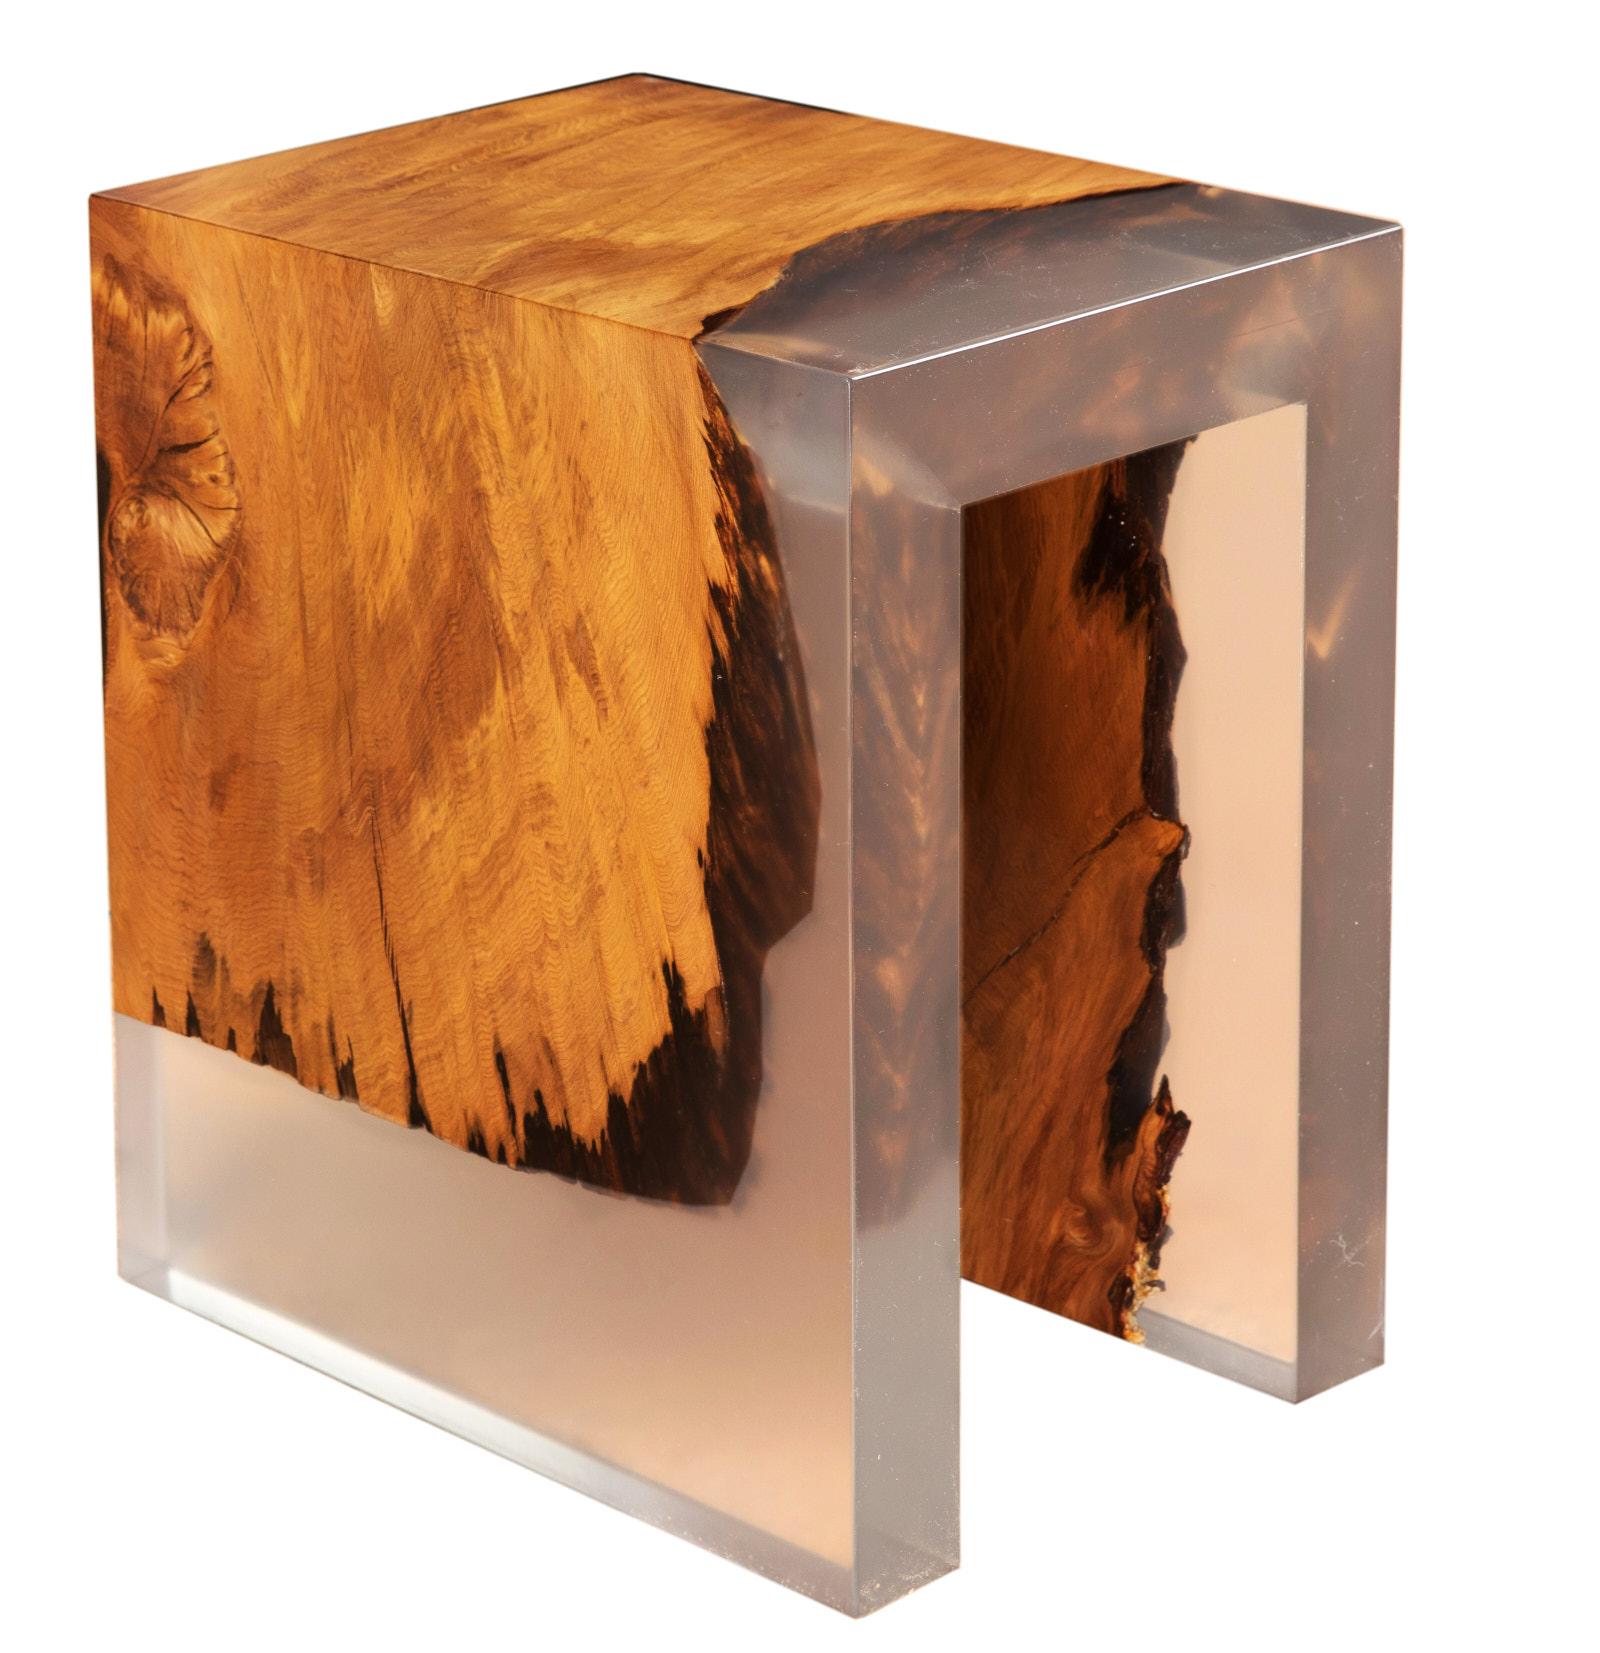 Individuelles Möbeldesign ist dieser Unikat Kauri Wurzelhocker handgefertigt, unvergleichliche Designermöbel und Designtische